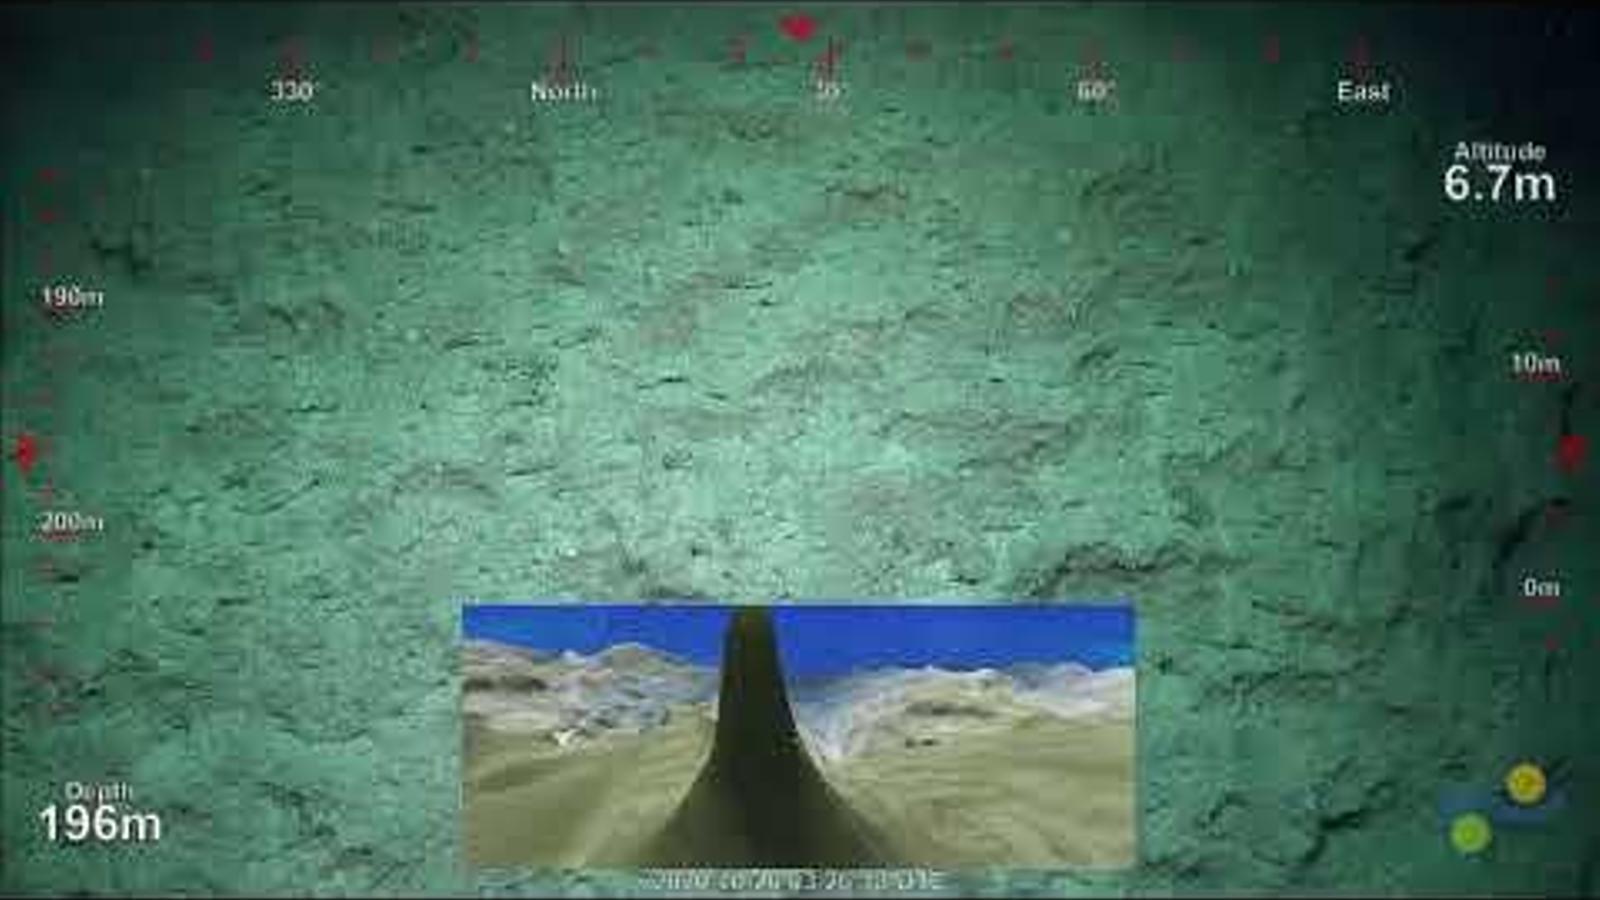 Gran Barrera de Corall, Austràlia. Gratacels de 500 metres d'alçada